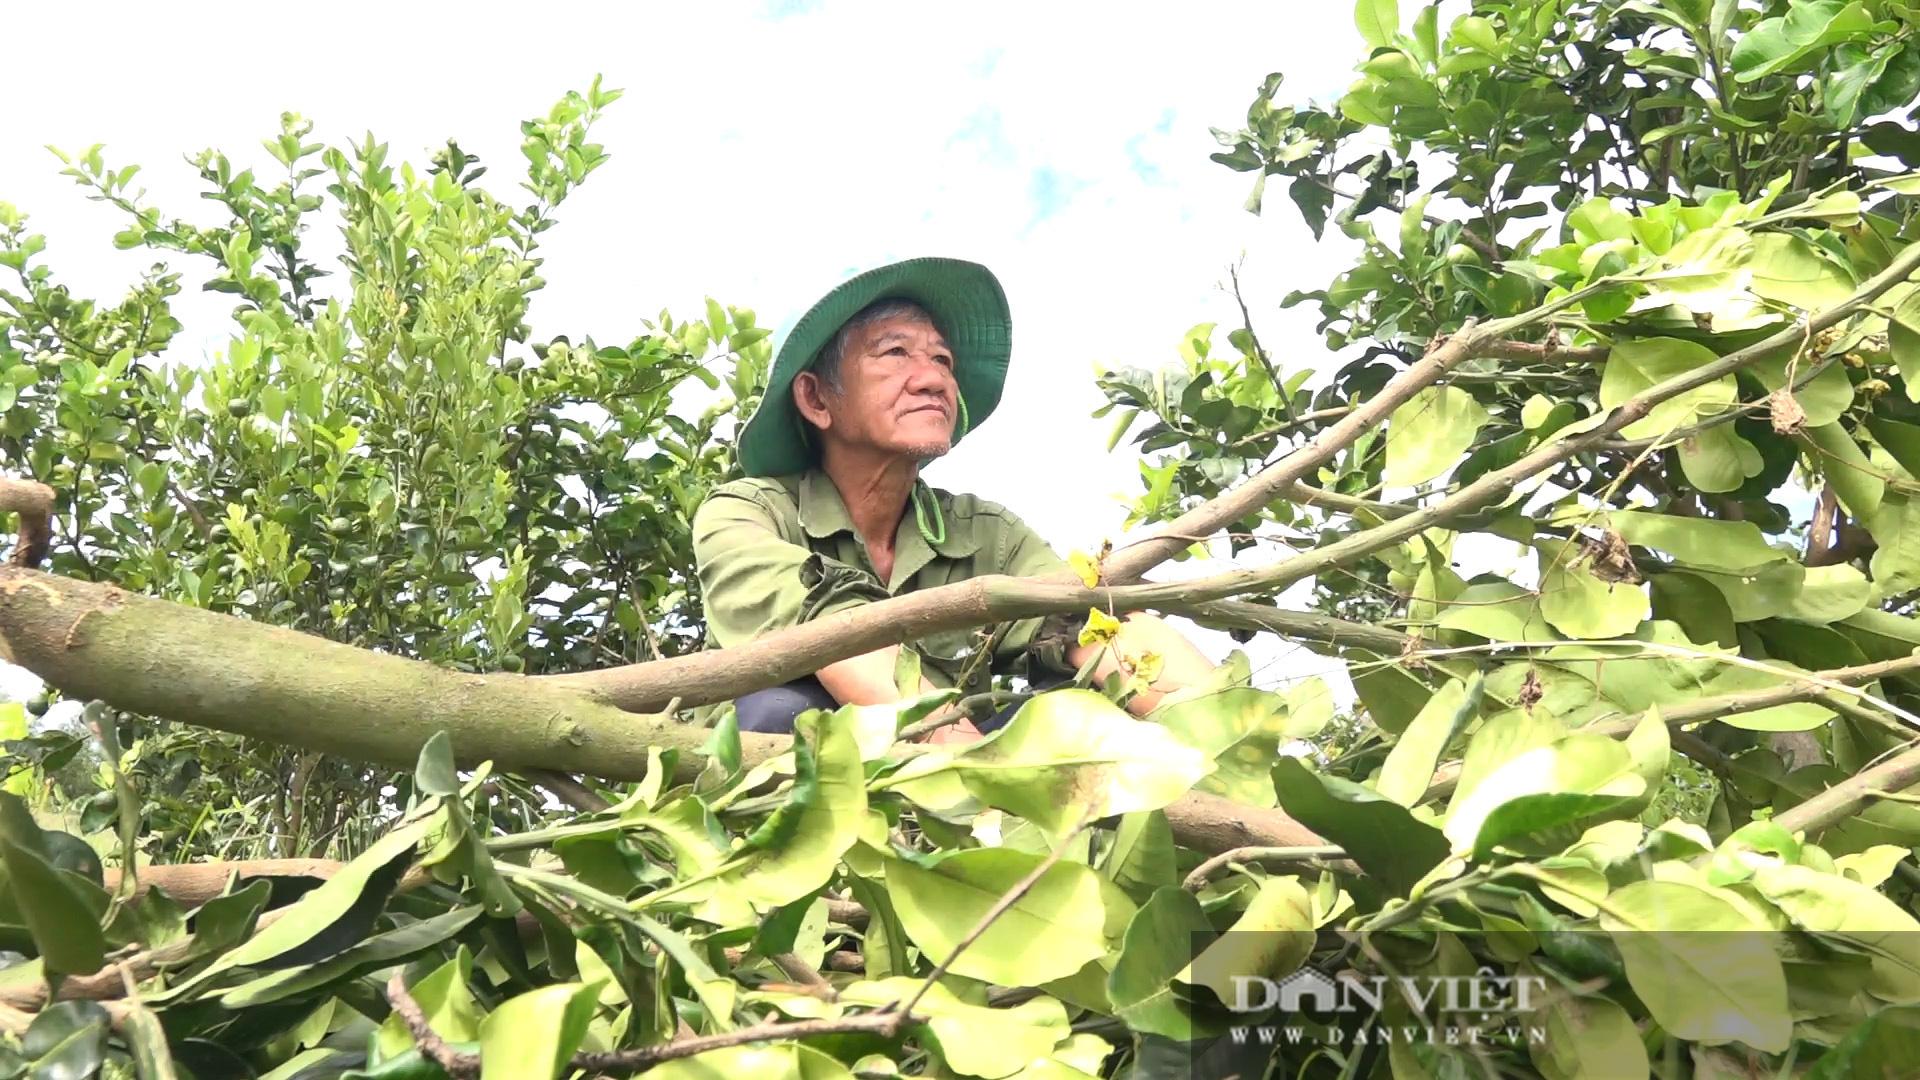 Hậu Giang: Người dân được giao giống bưởi Năm Roi nhưng trồng ra trái bưởi Lông Cổ Cò, đơn vị cung cấp giống xin lỗi - Ảnh 3.